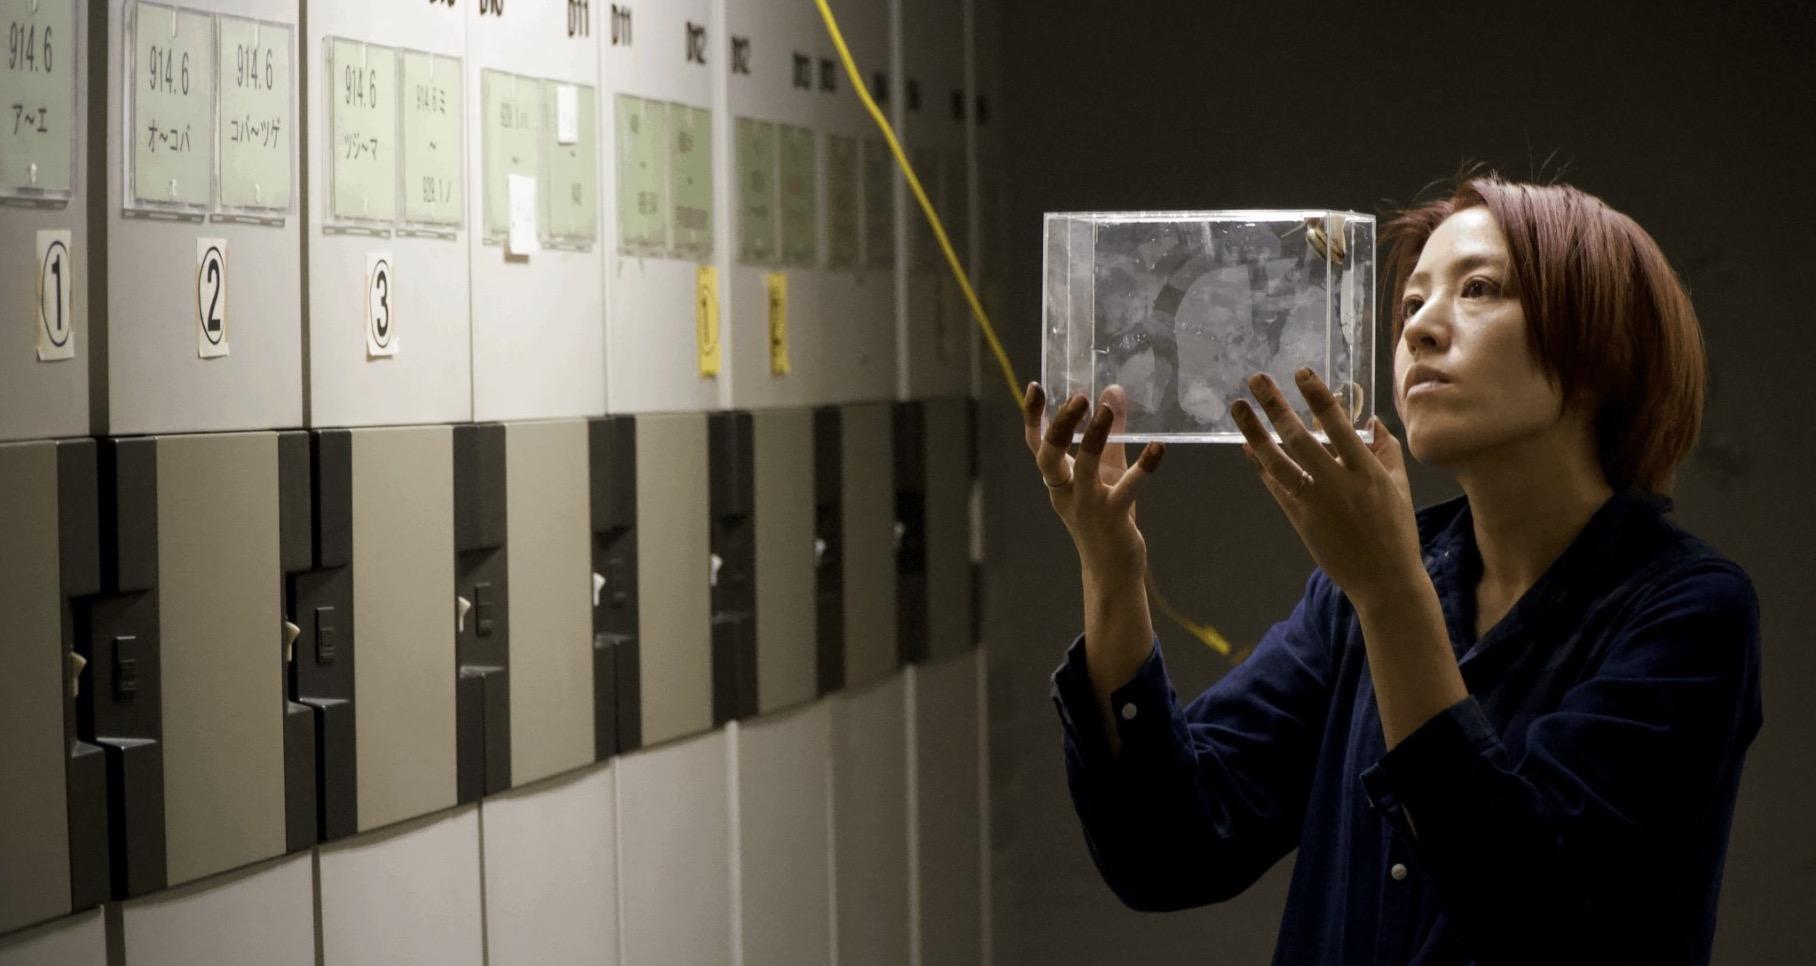 北山 聖子 performance art archive パフォーマンス アート アーカイブ 映像